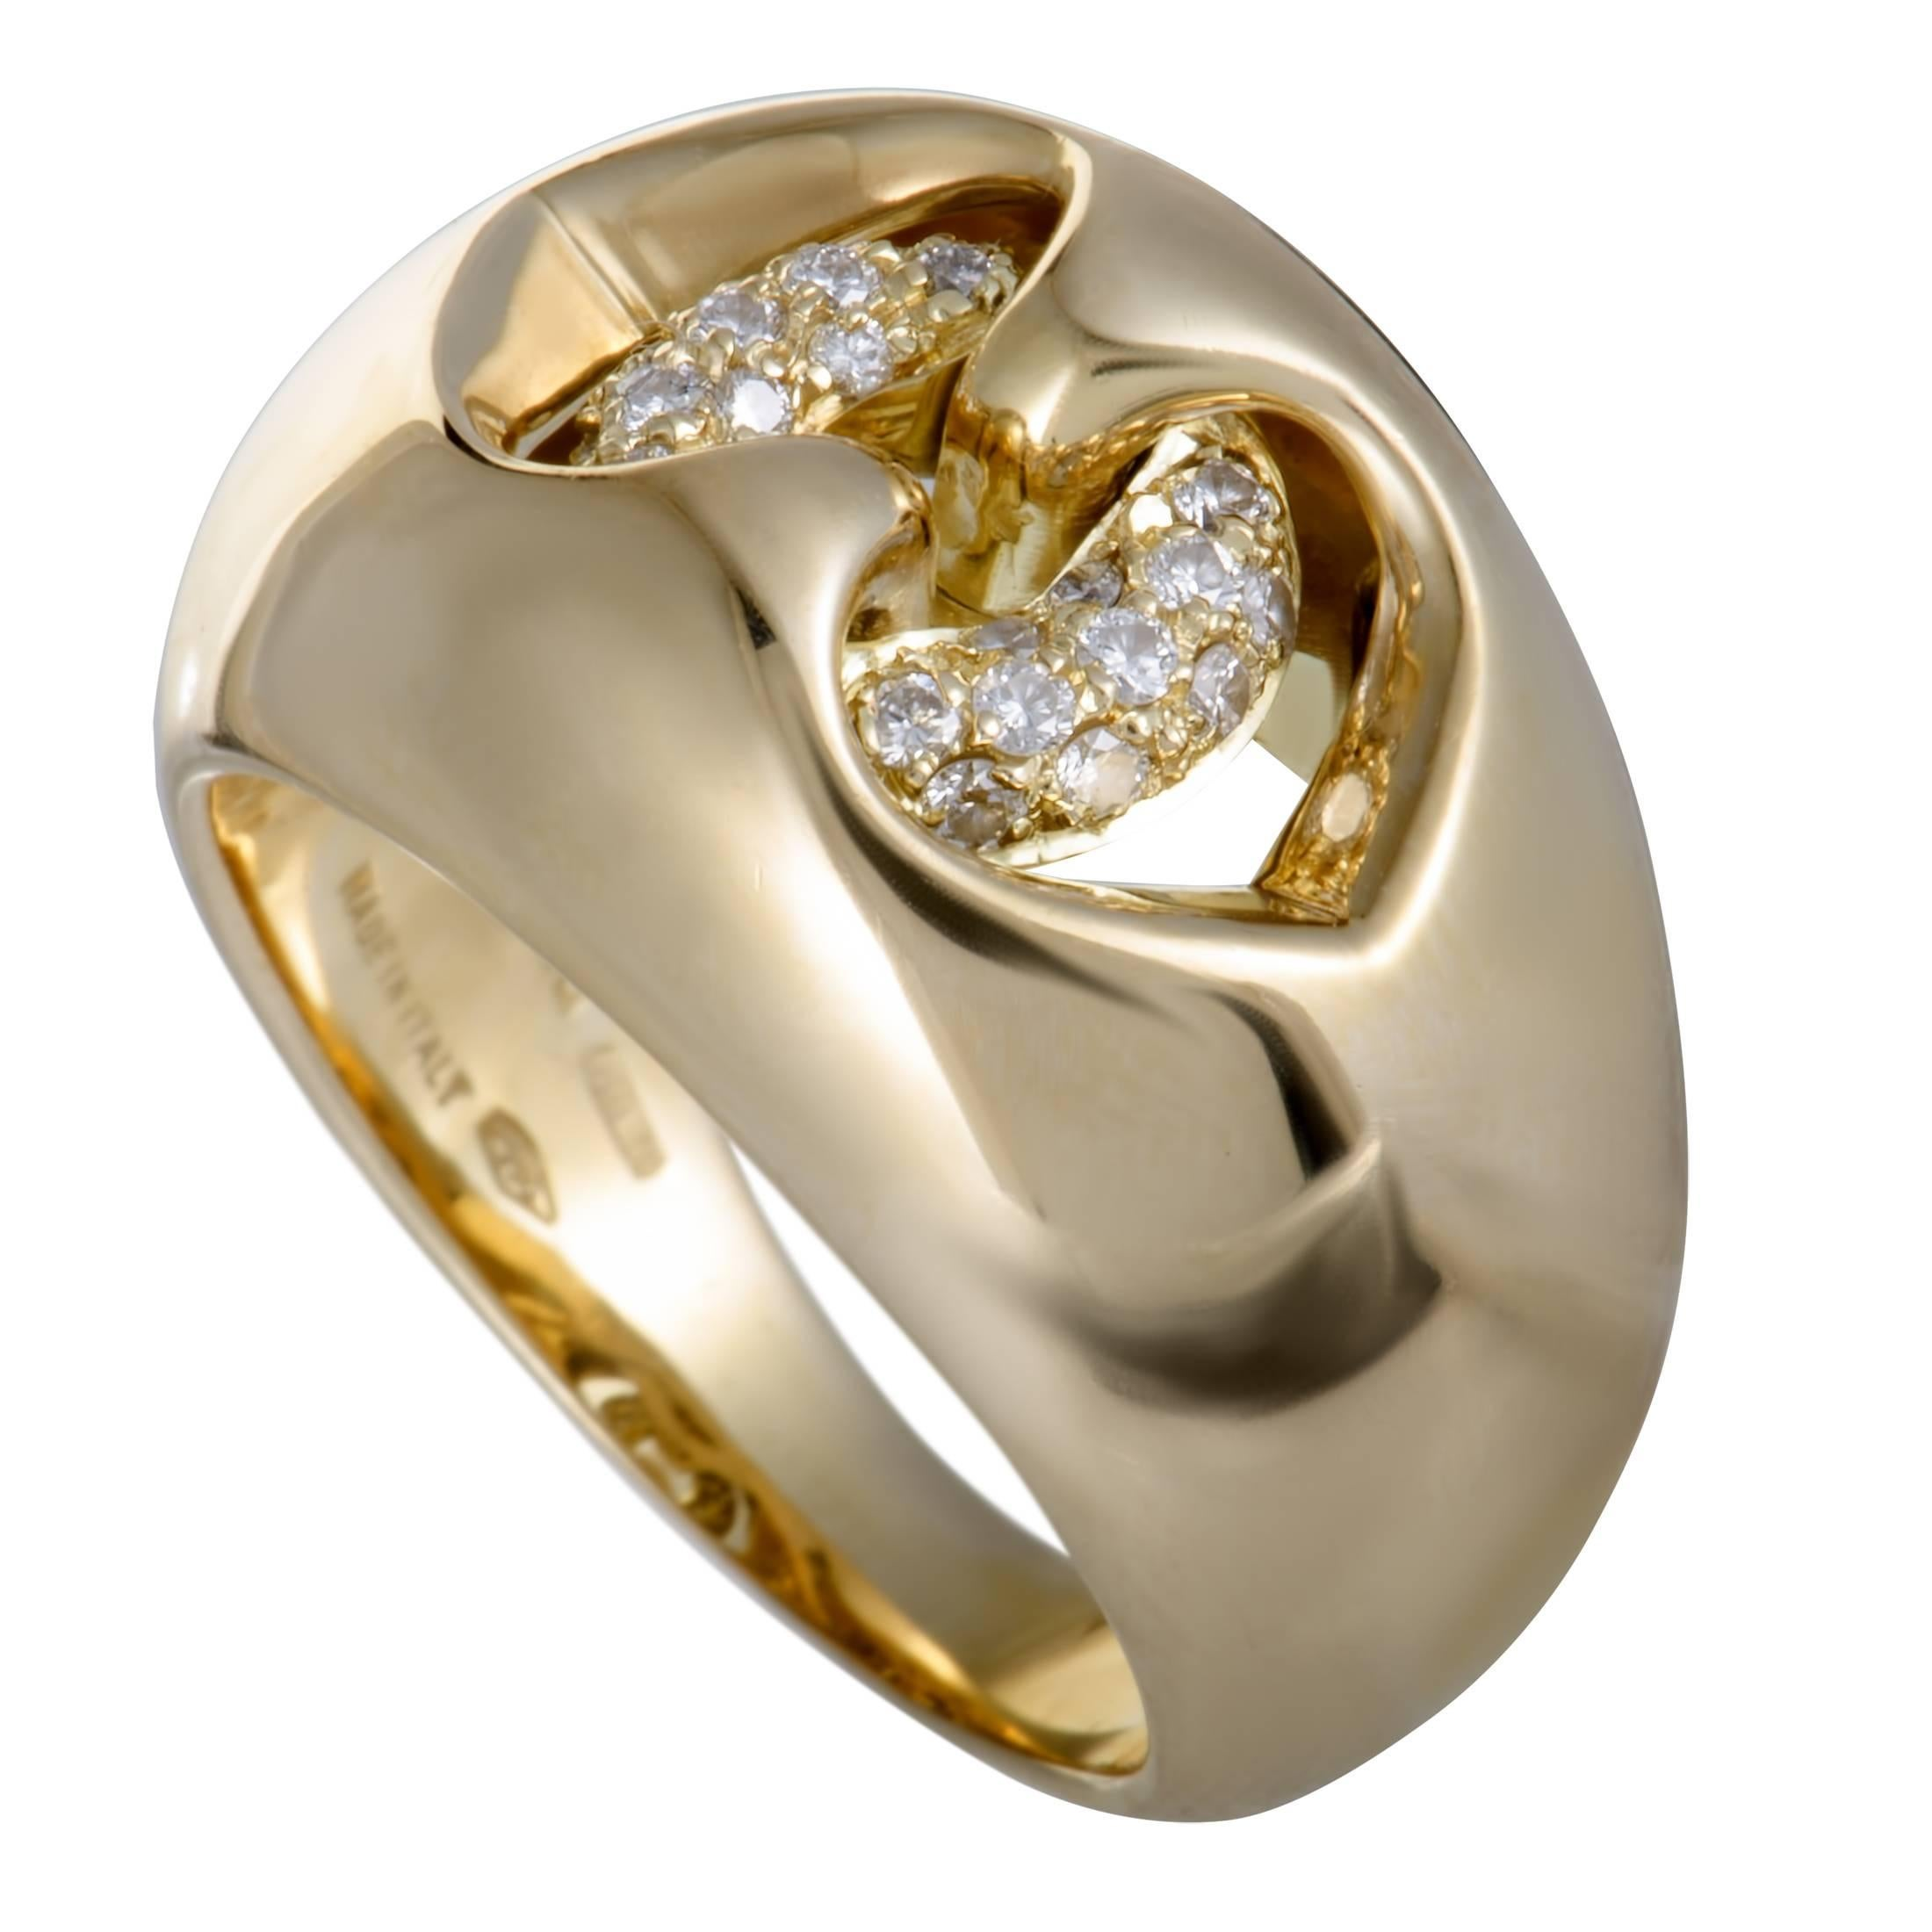 bulgari abbraccio diamond yellow gold ring